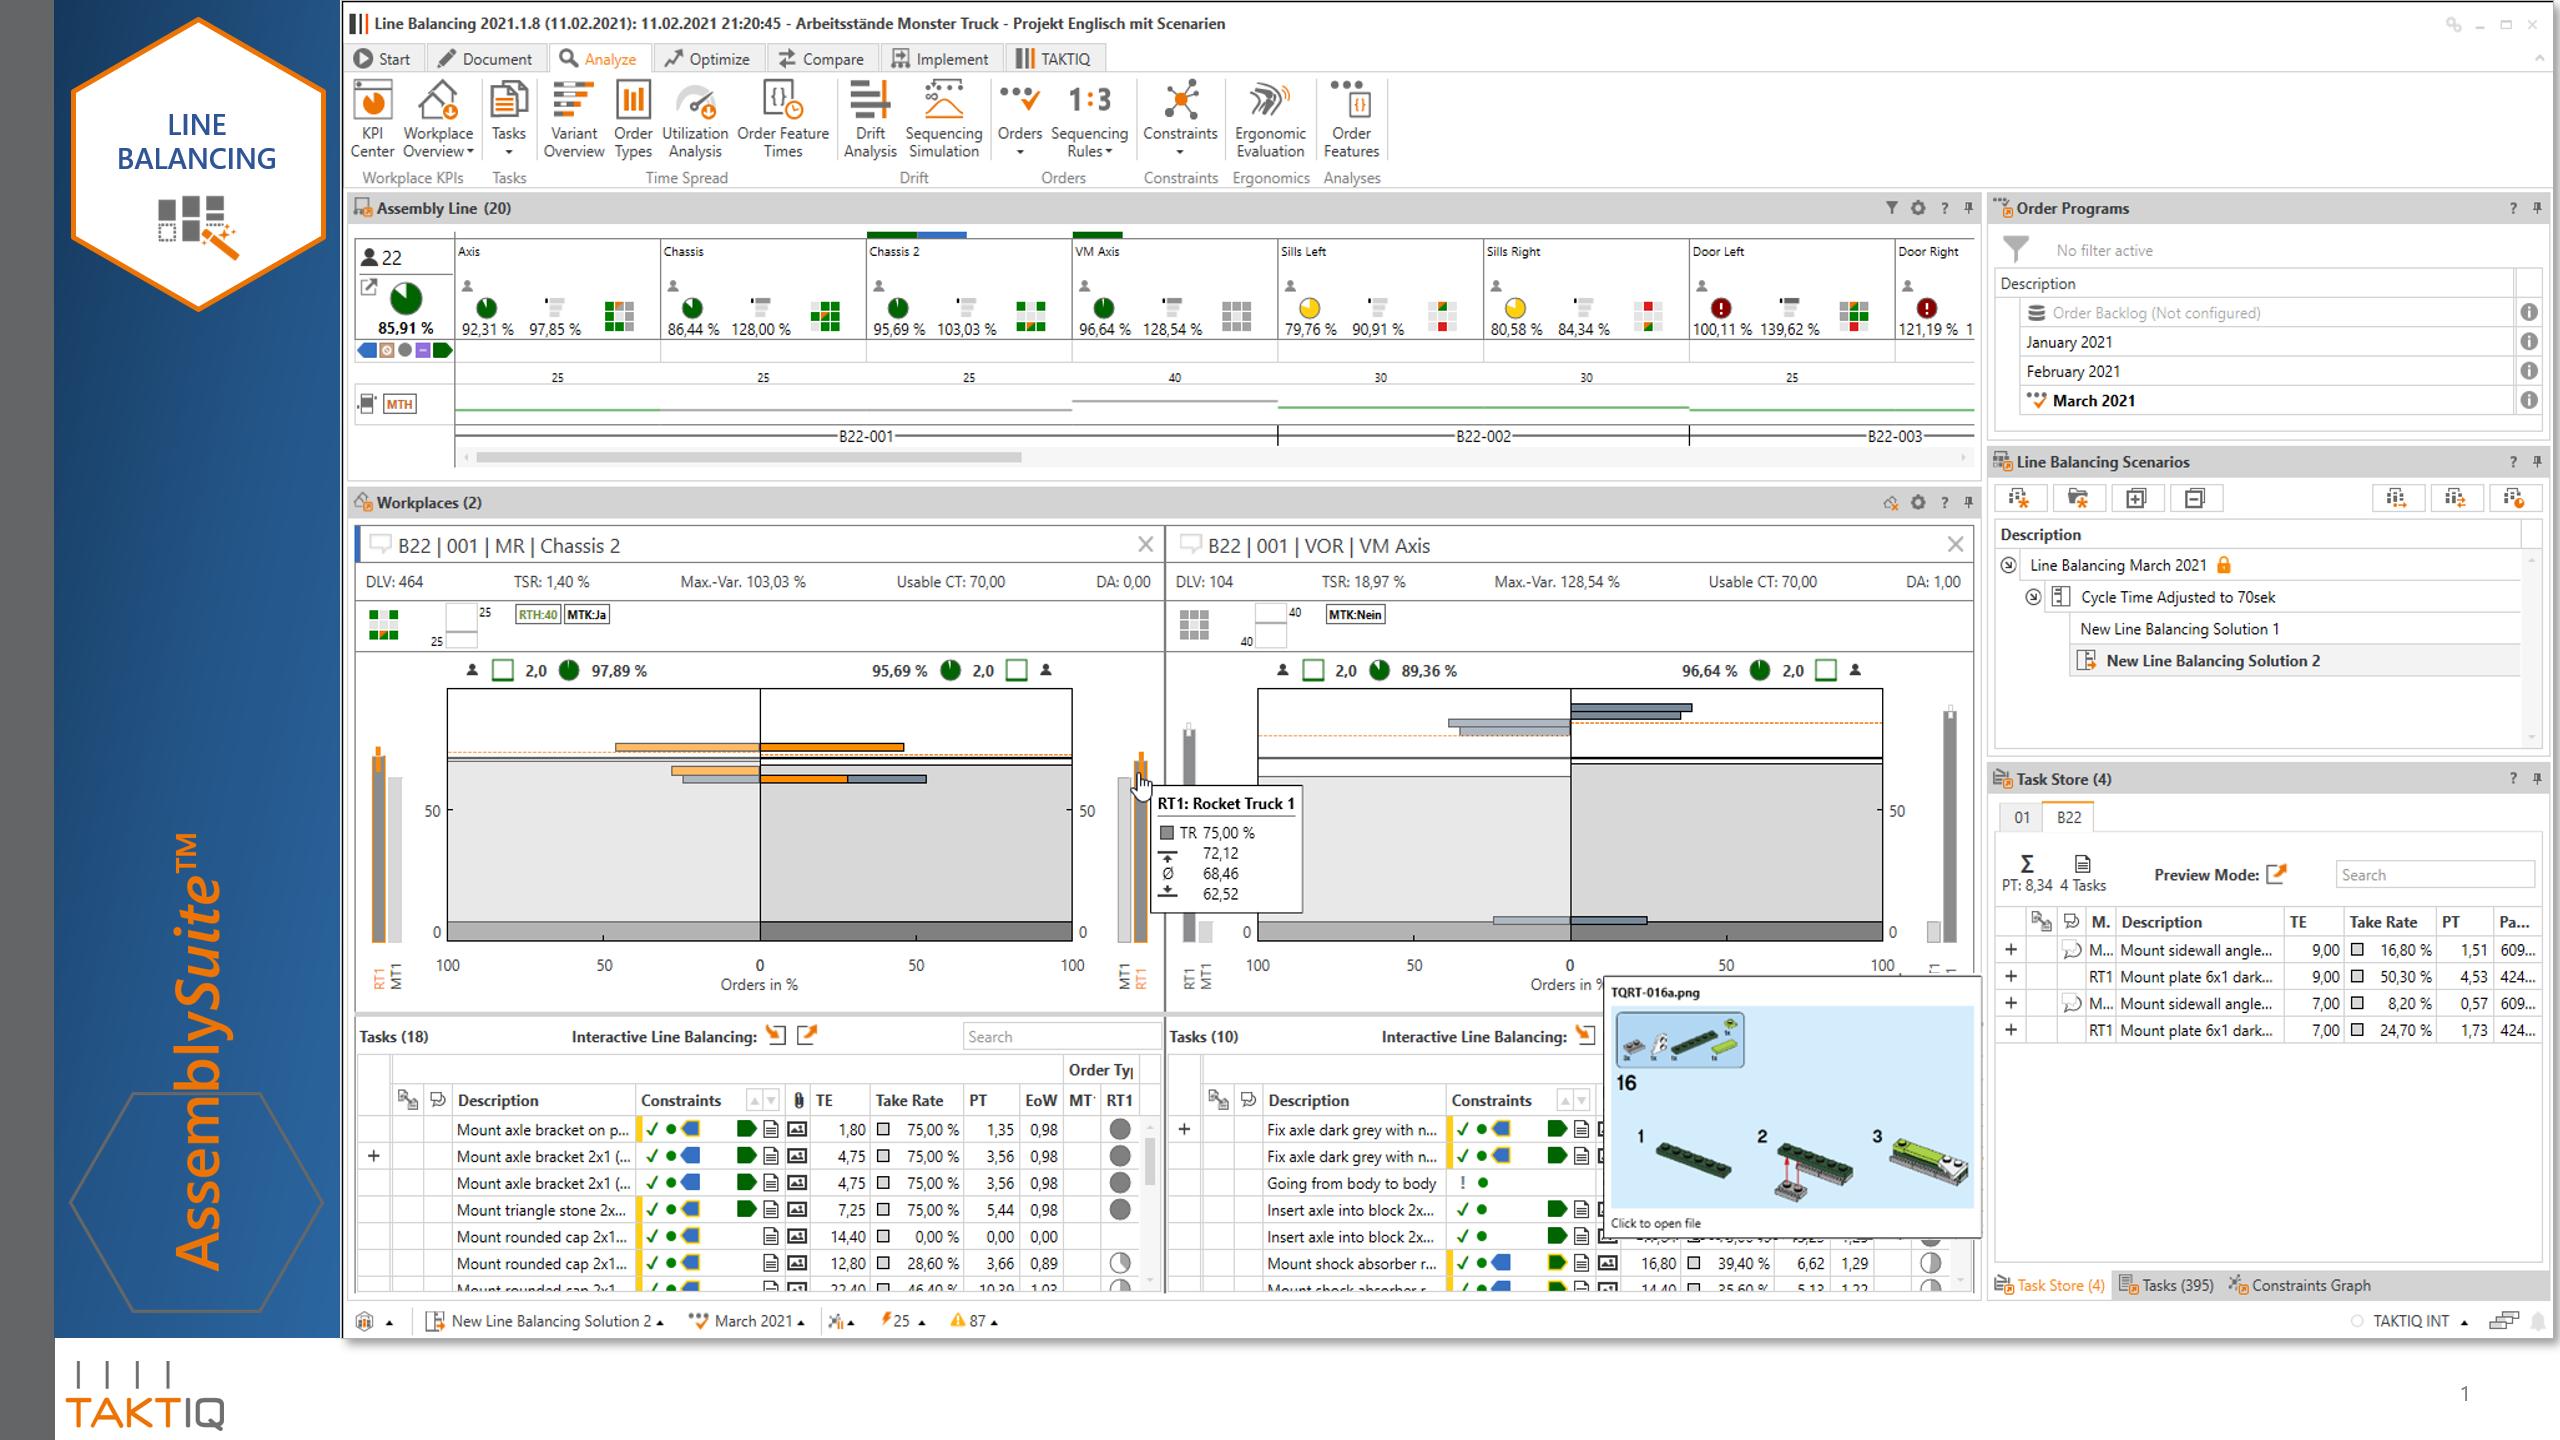 First Slide: AssemblySuite Line Balancing